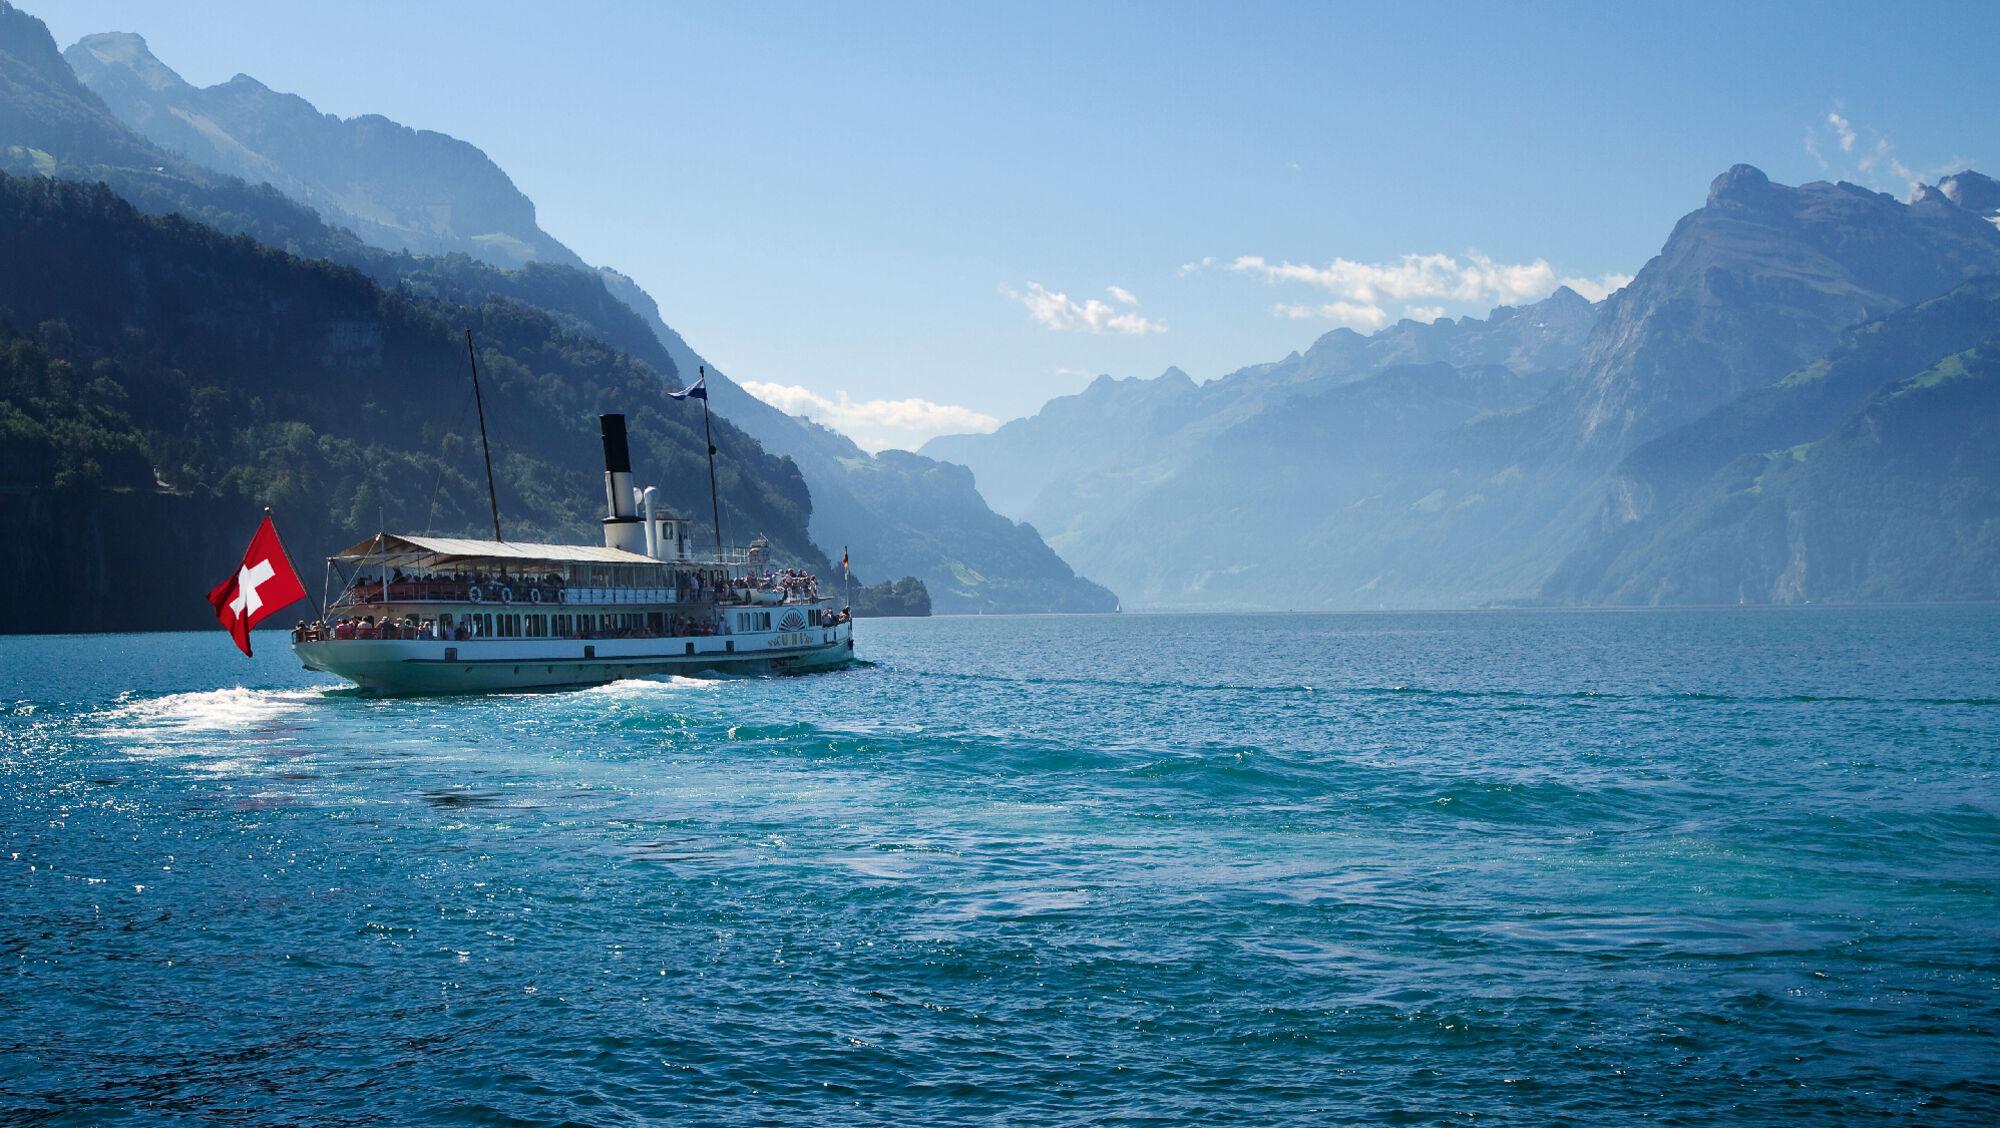 Schifffahrt auf dem Vierwaldstätter See